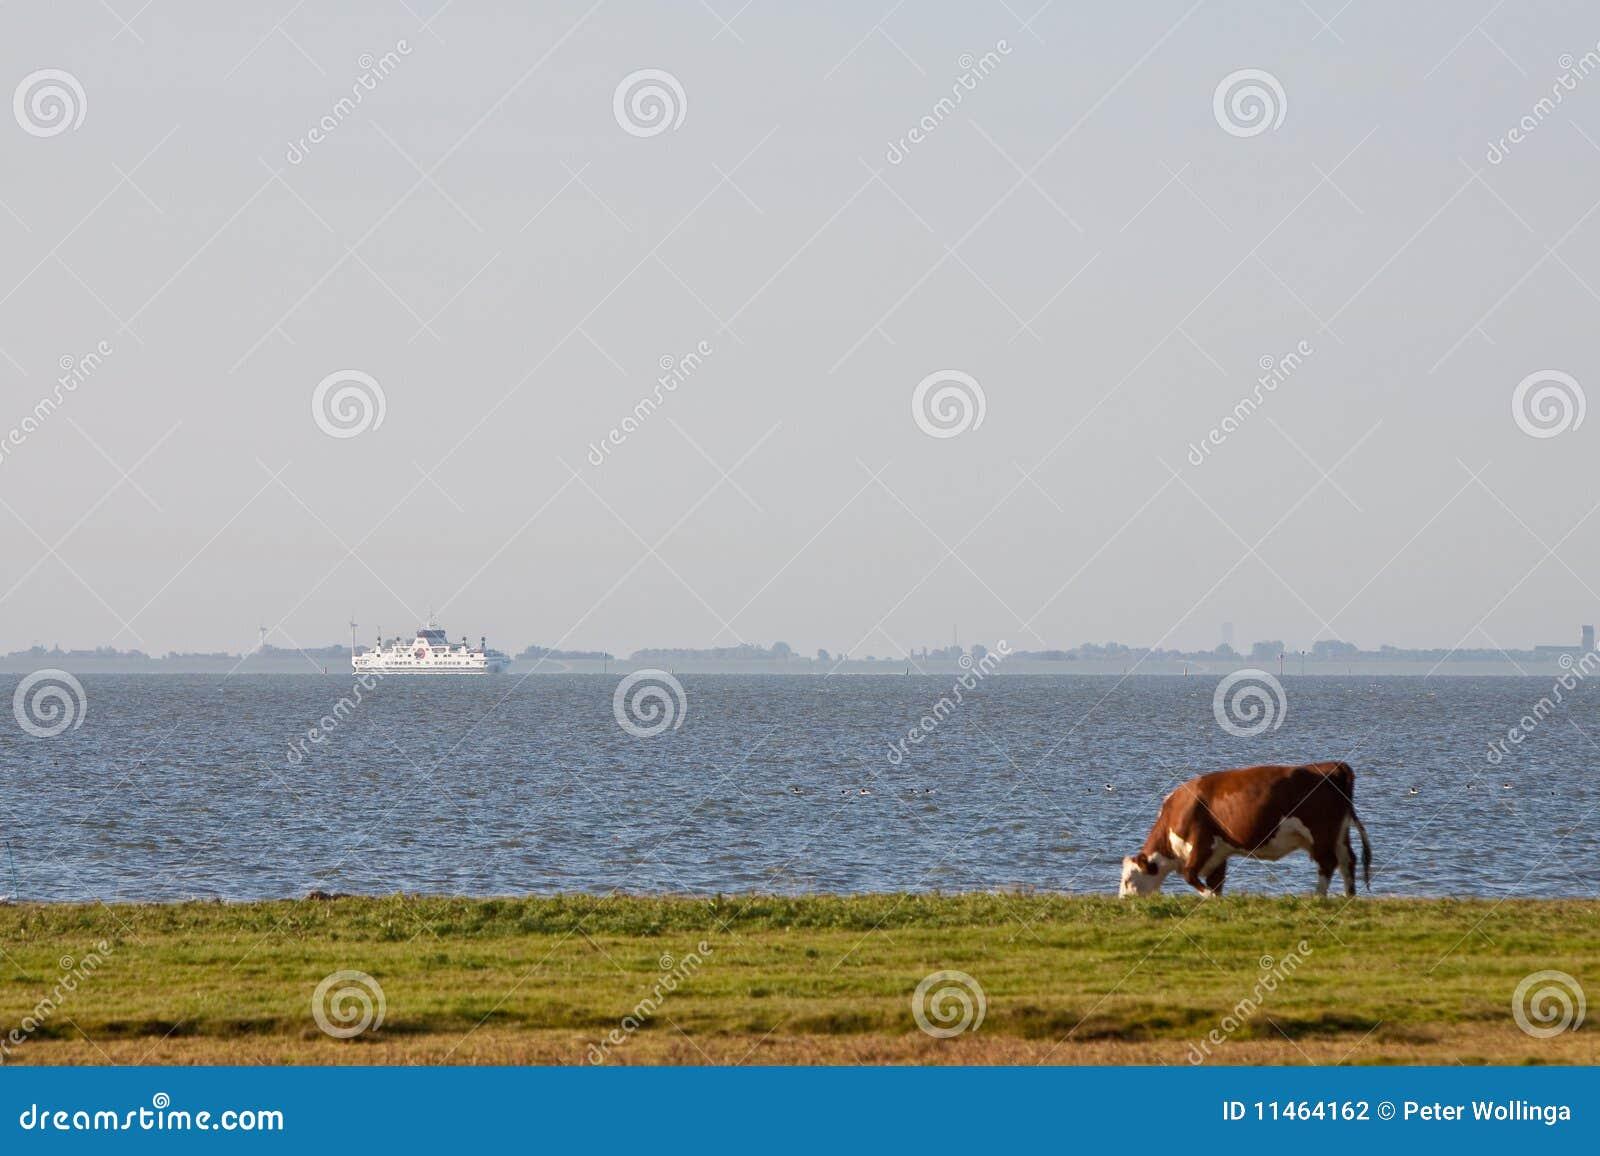 Download Kuh, Die In Einem Ackerland Nahe Wasser Weiden Lässt Stockfoto - Bild von insel, ozean: 11464162